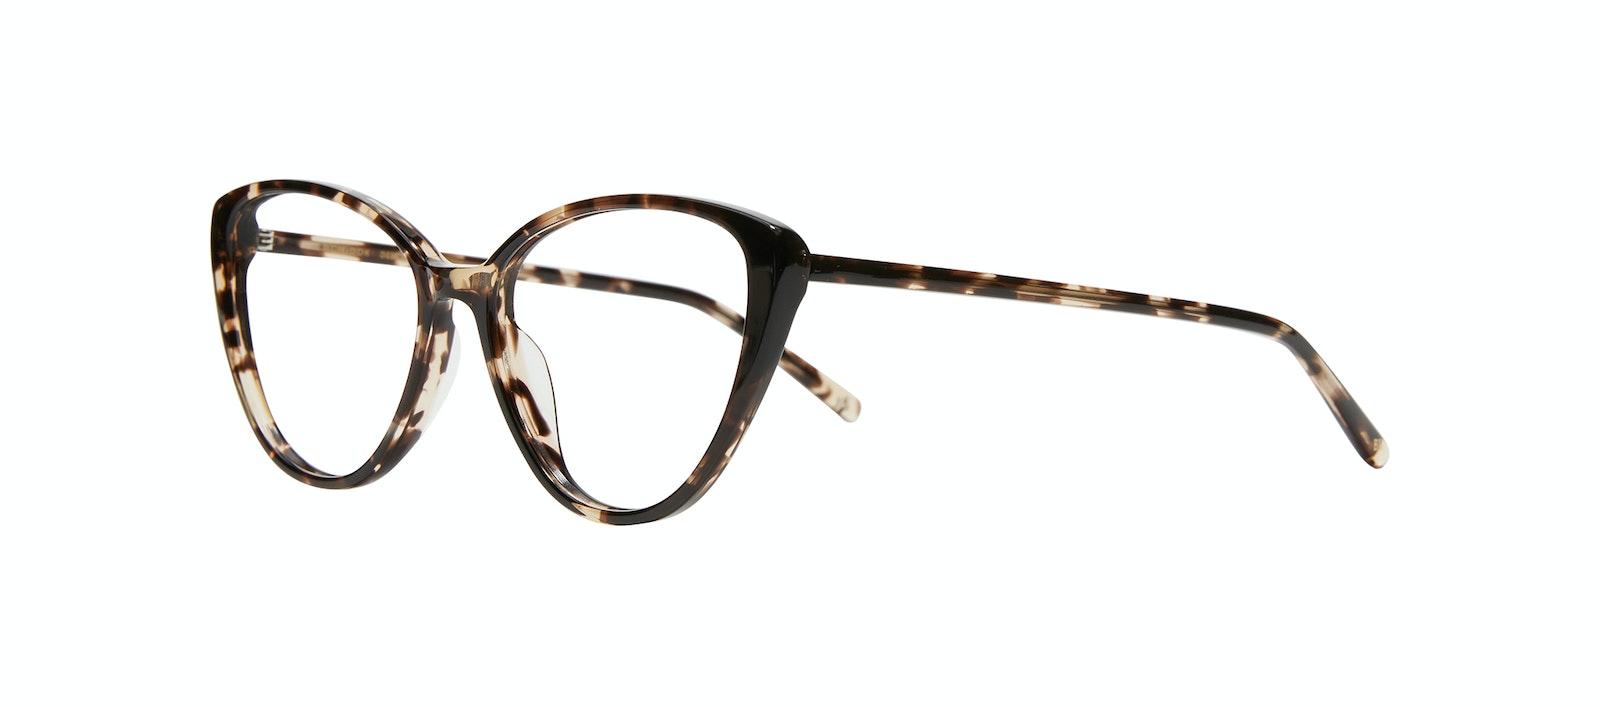 Lunettes tendance Oeil de chat Lunettes de vue Femmes Poise XS Leopard Incliné